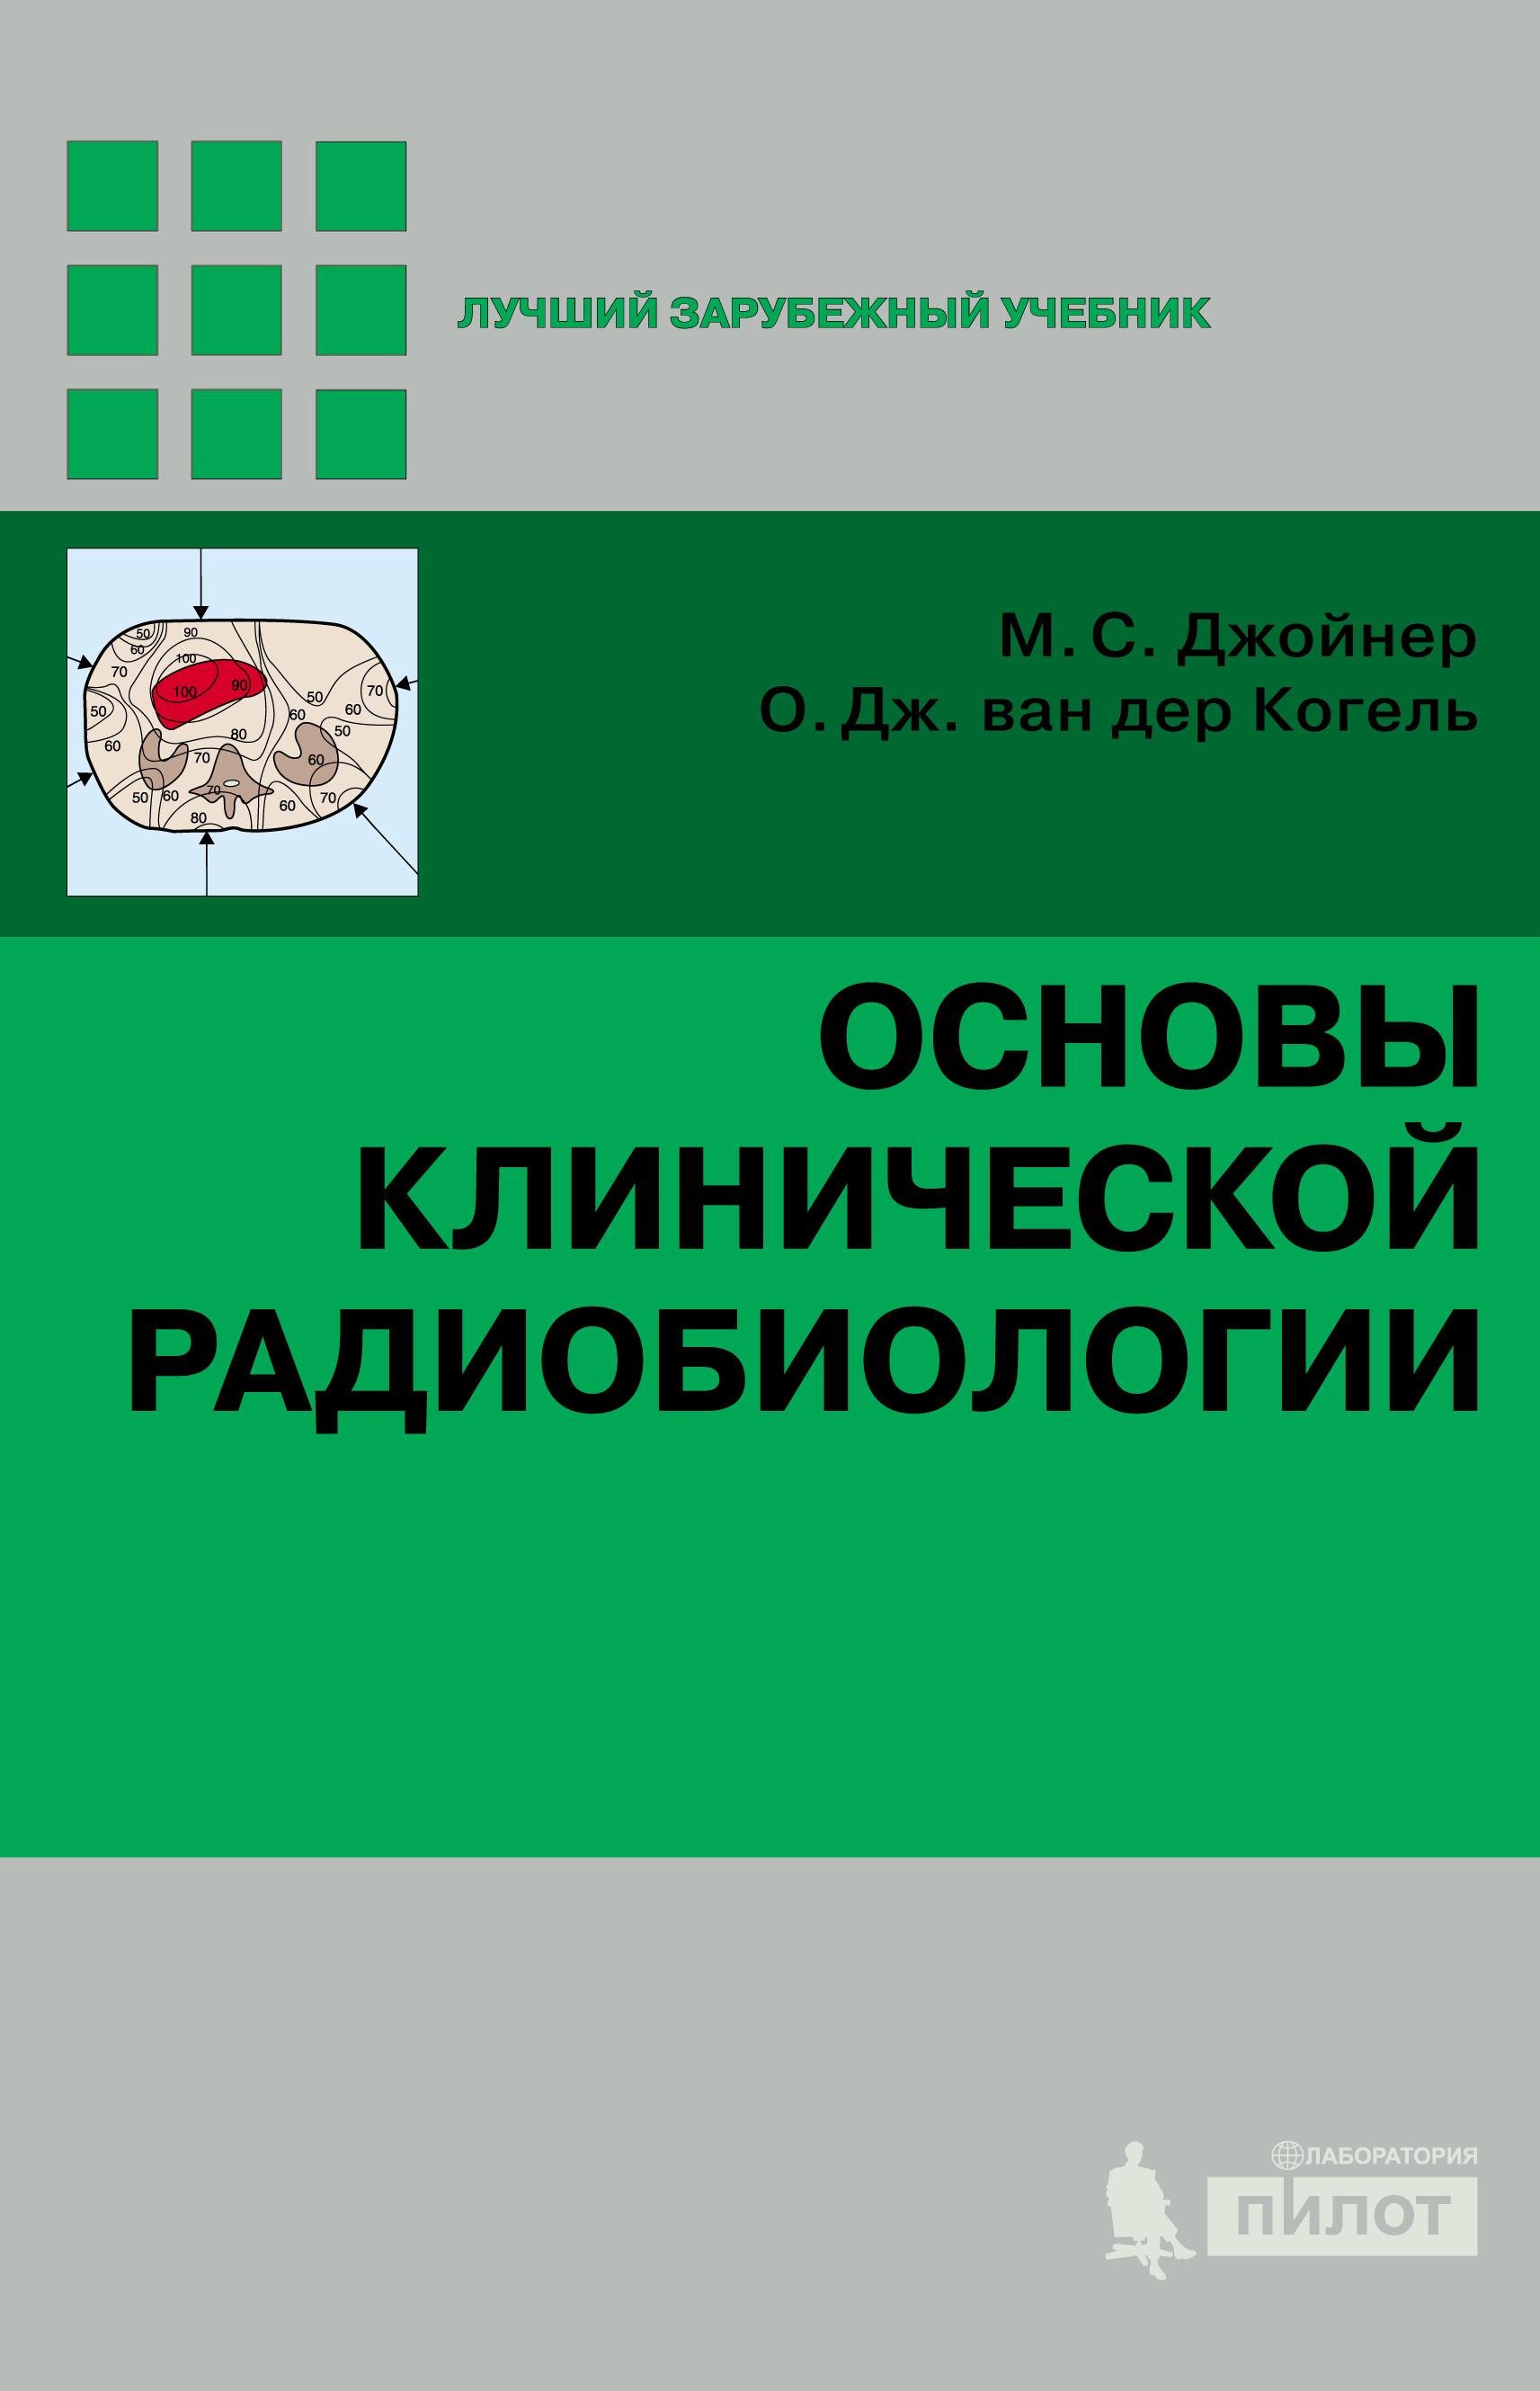 цена М. Бауманн Основы клинической радиобиологии